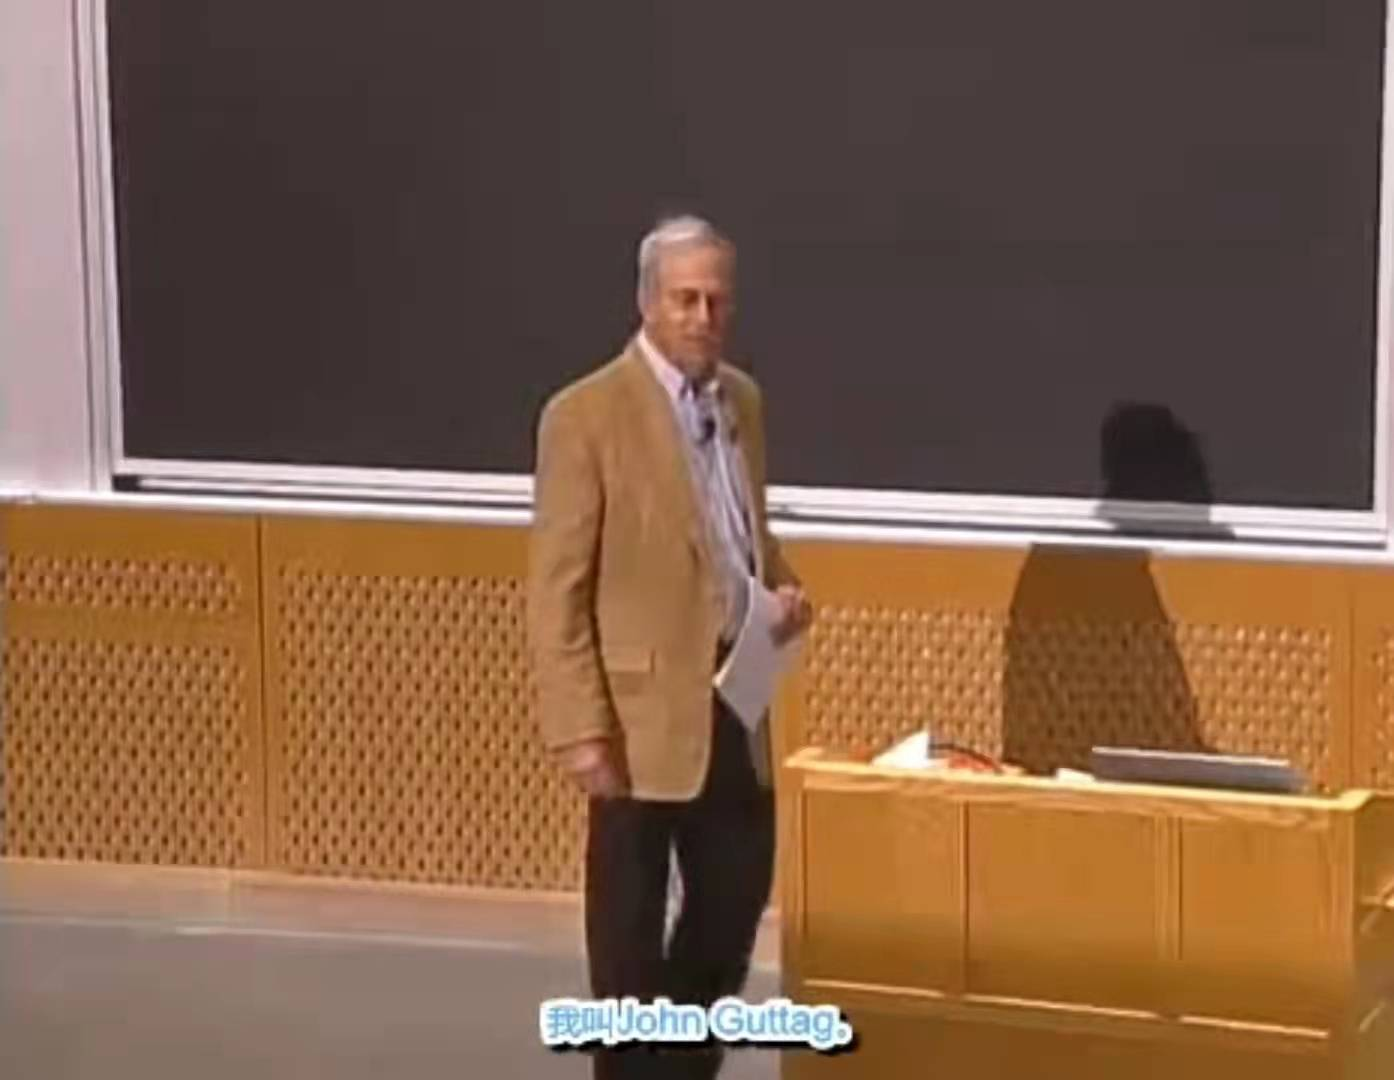 麻省理工学者新研究获极高评价:矩阵乘法无需相乘,速度提升100倍